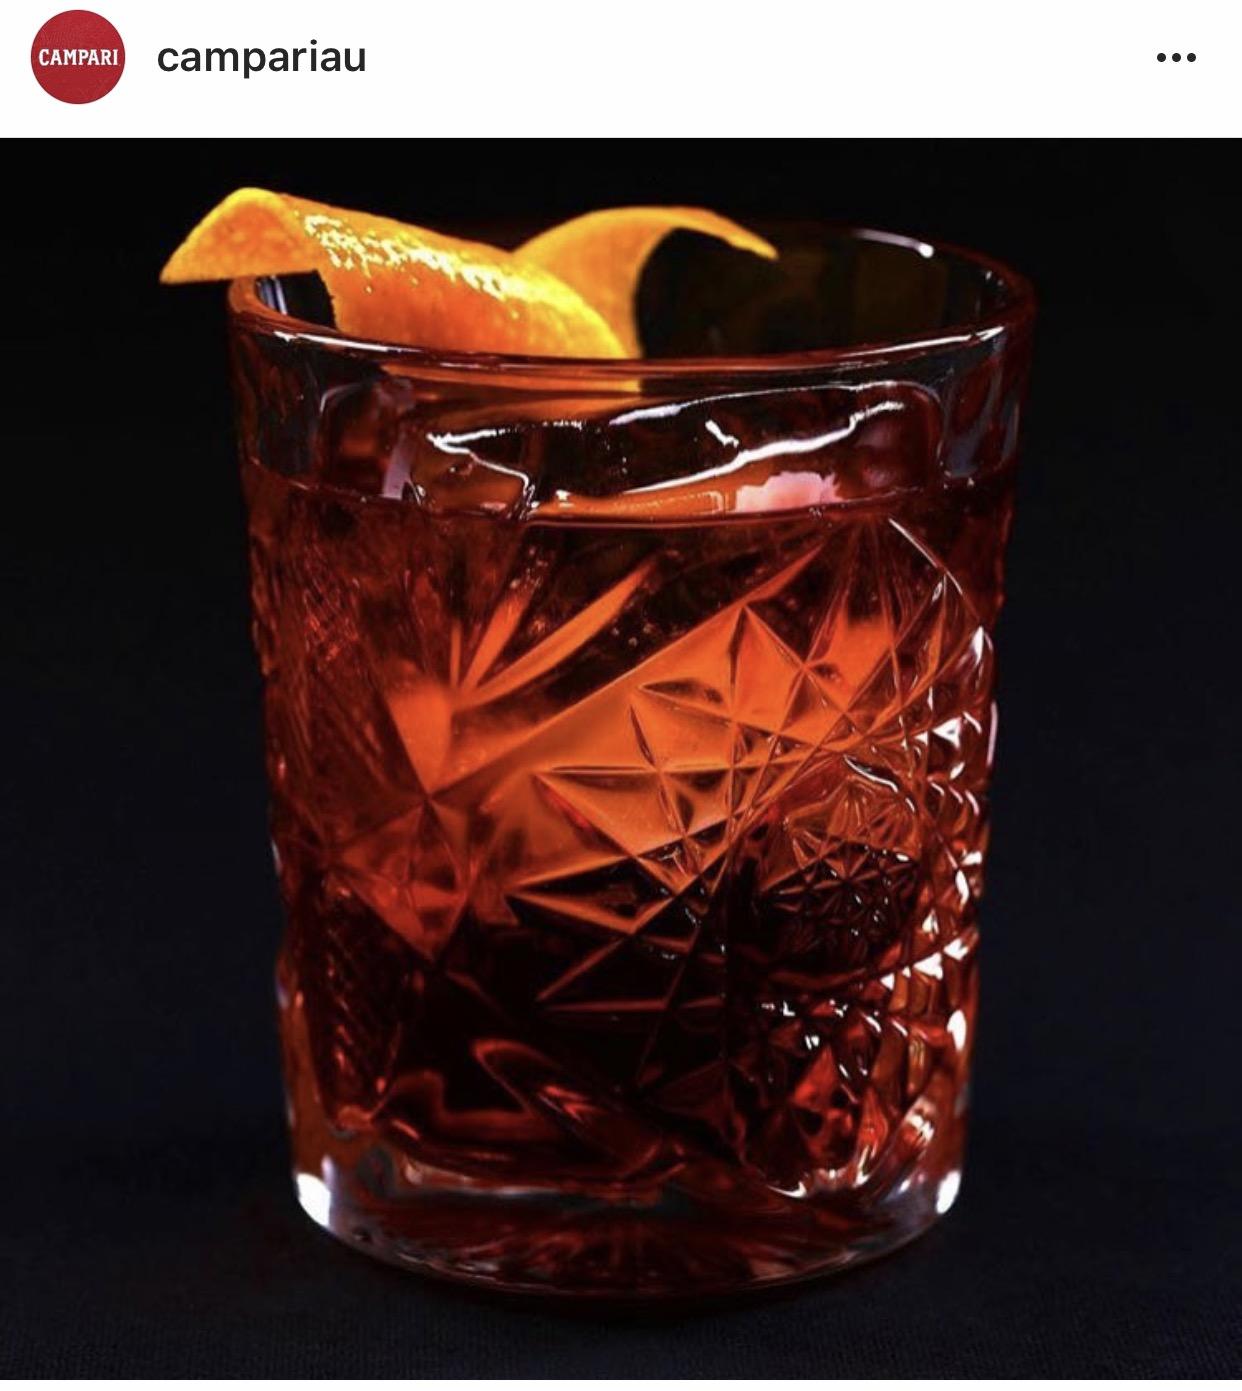 Instagram @campariau